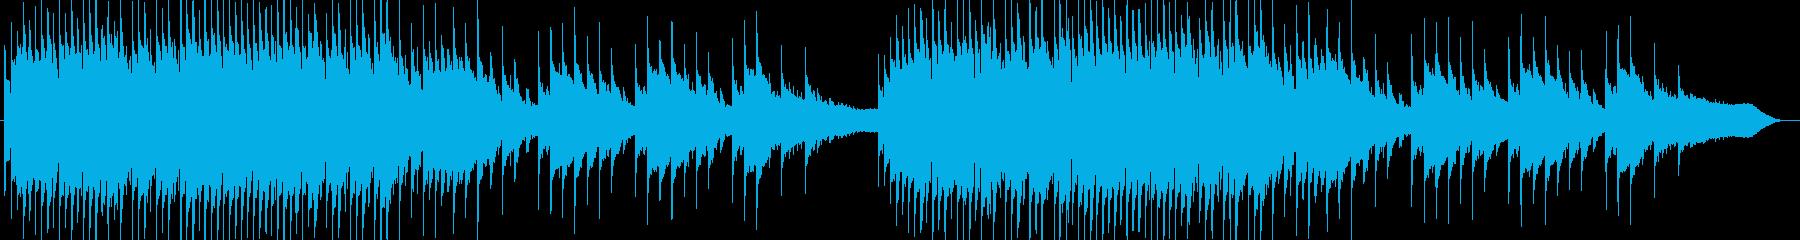 回想シーンに合いそうな雰囲気の曲の再生済みの波形